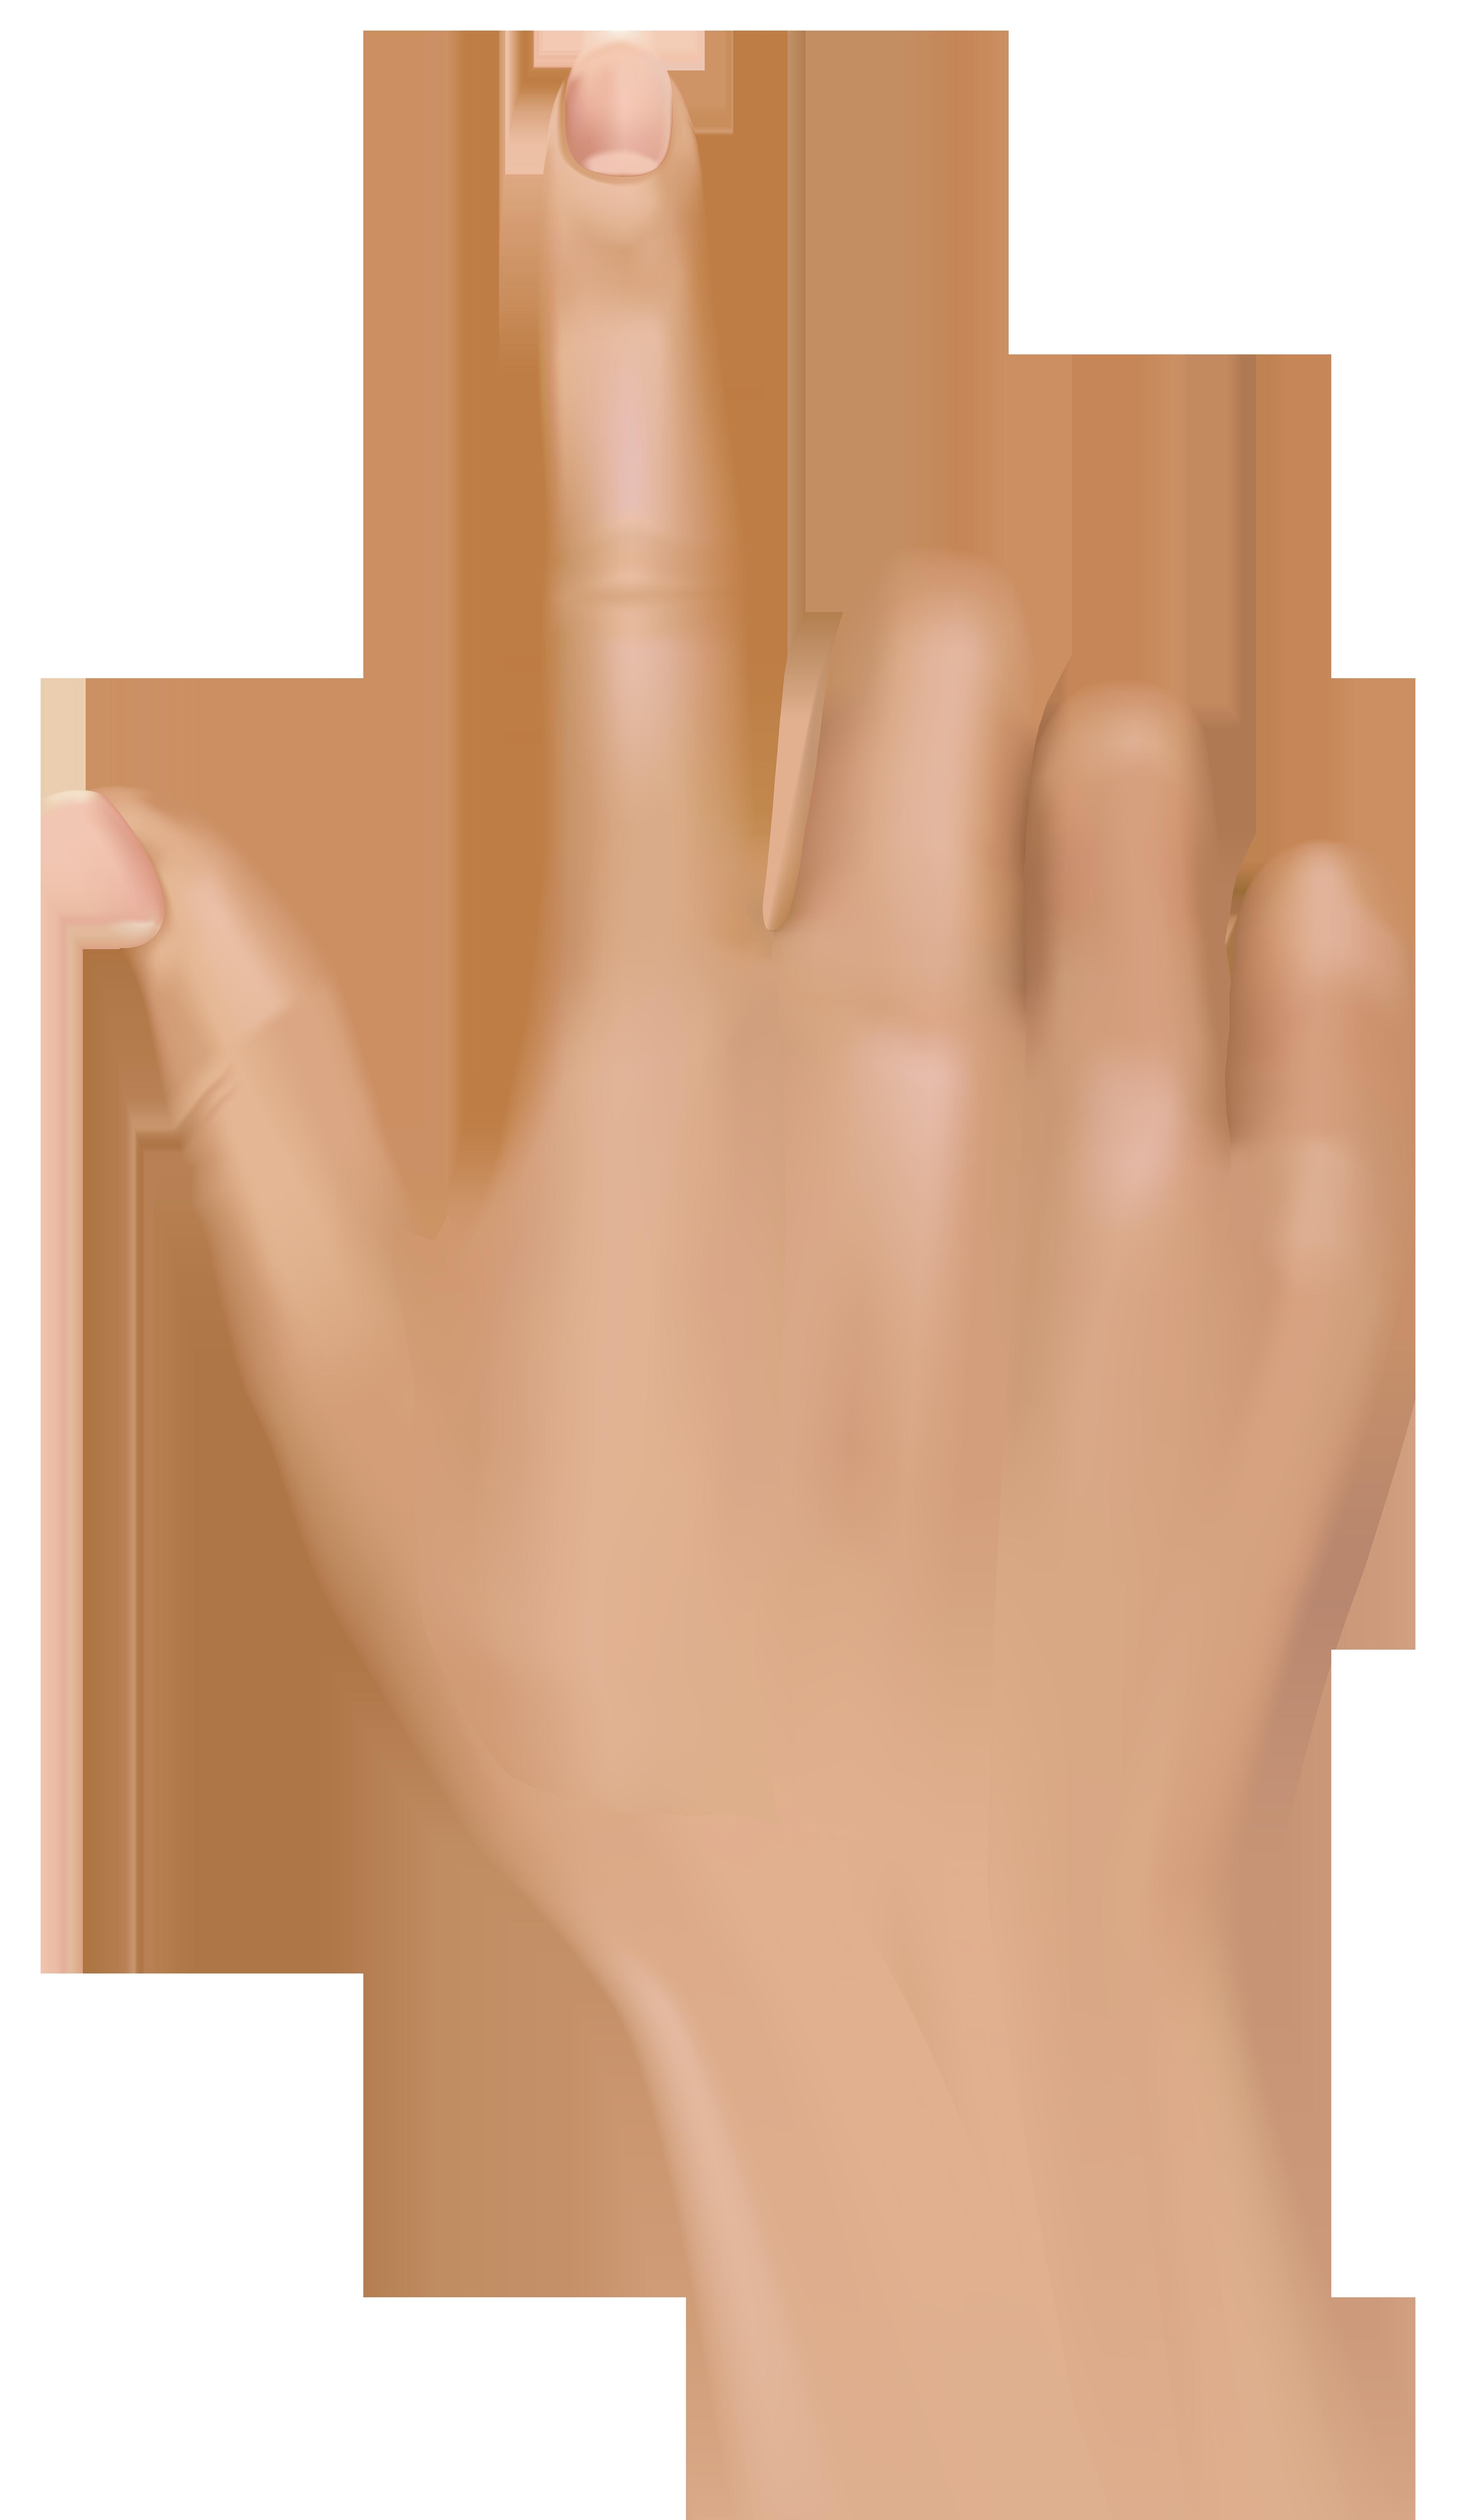 Finger PNG - 3012